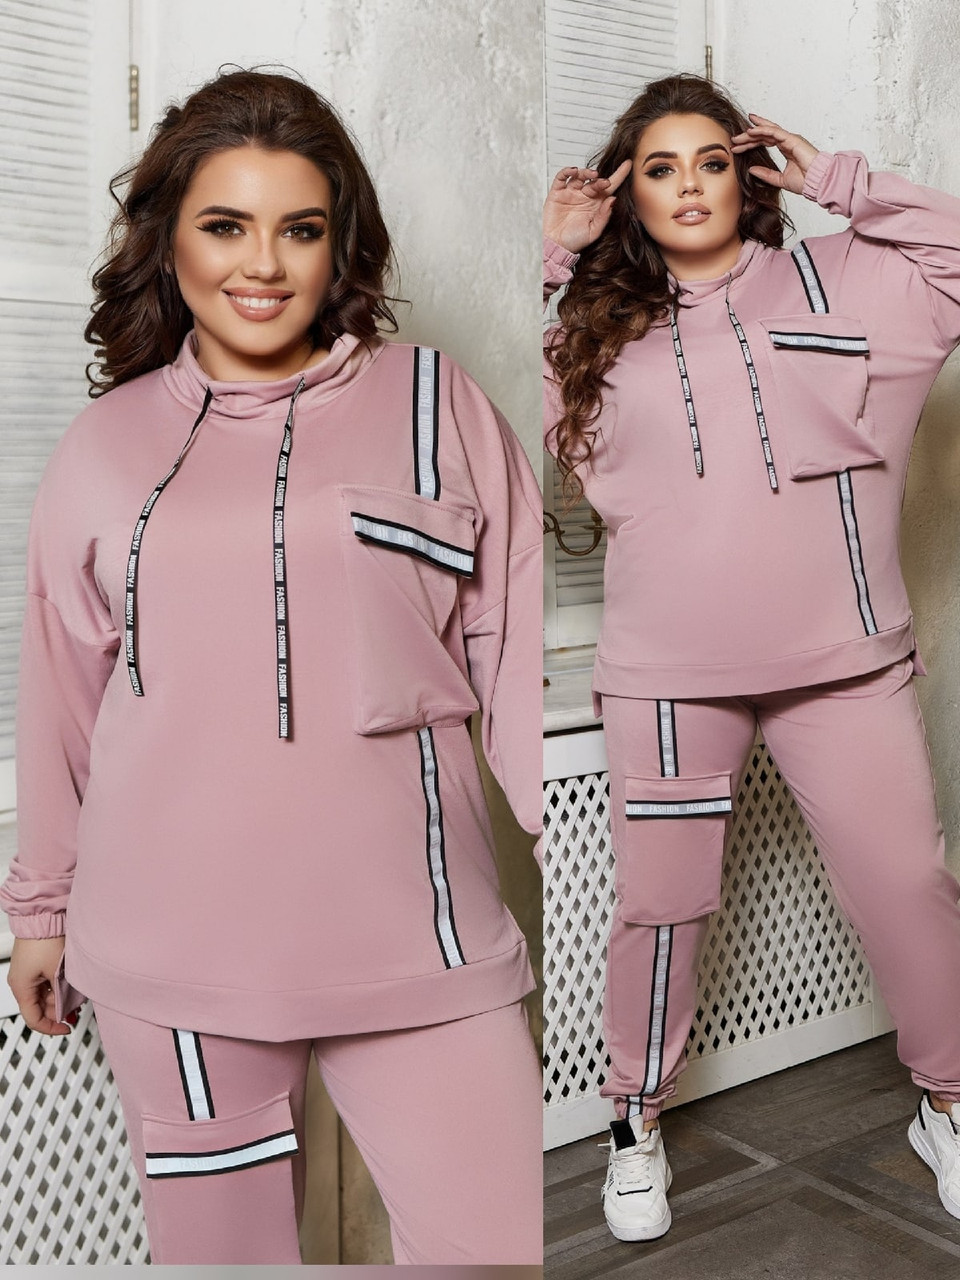 Стильний спортивний весняний жіночий костюм, кофта і штани з накладними кишенями, батал великі розміри